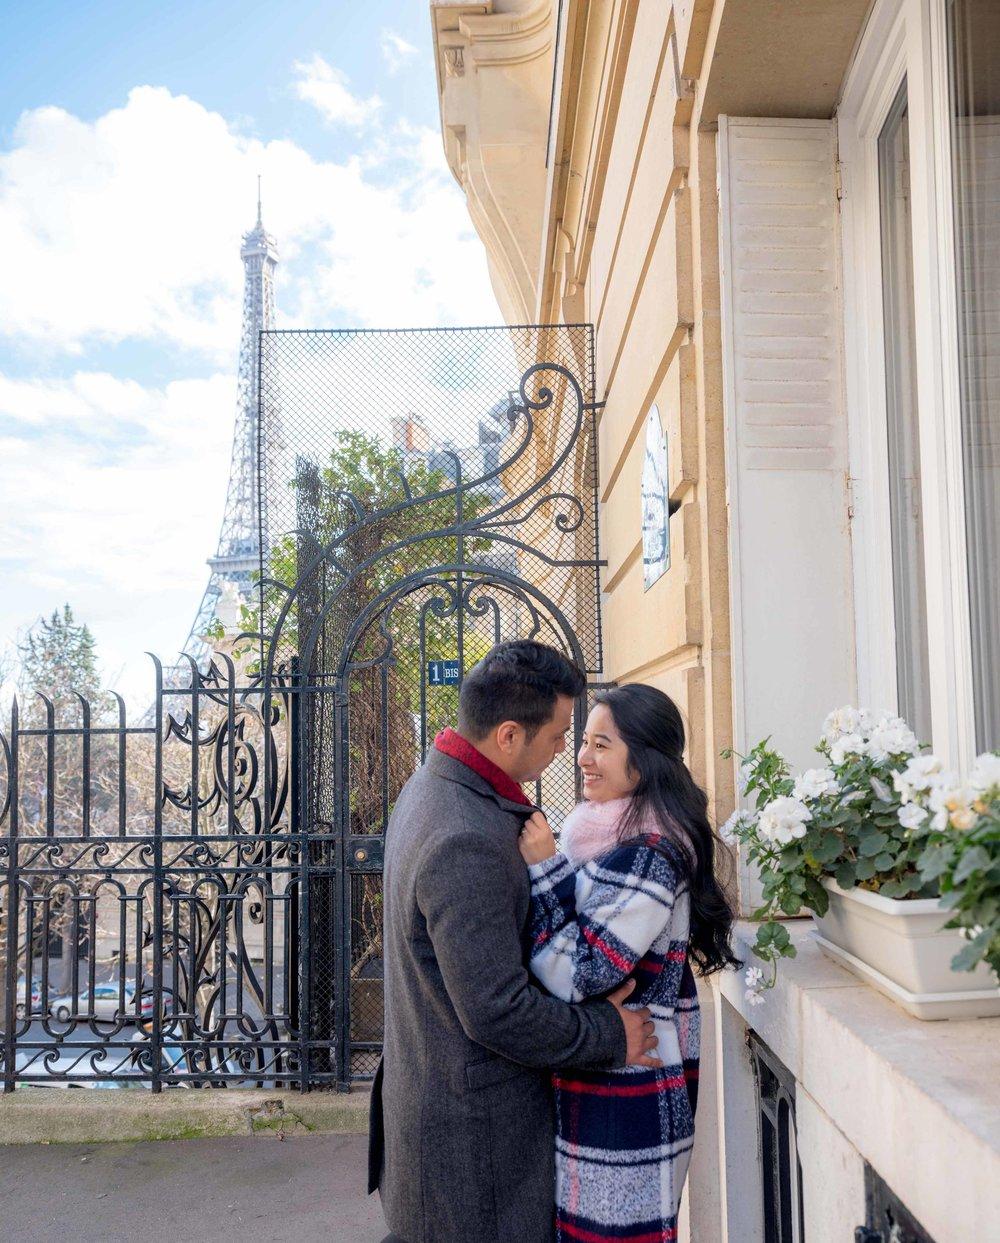 romantic couples photo at eiffel tower paris